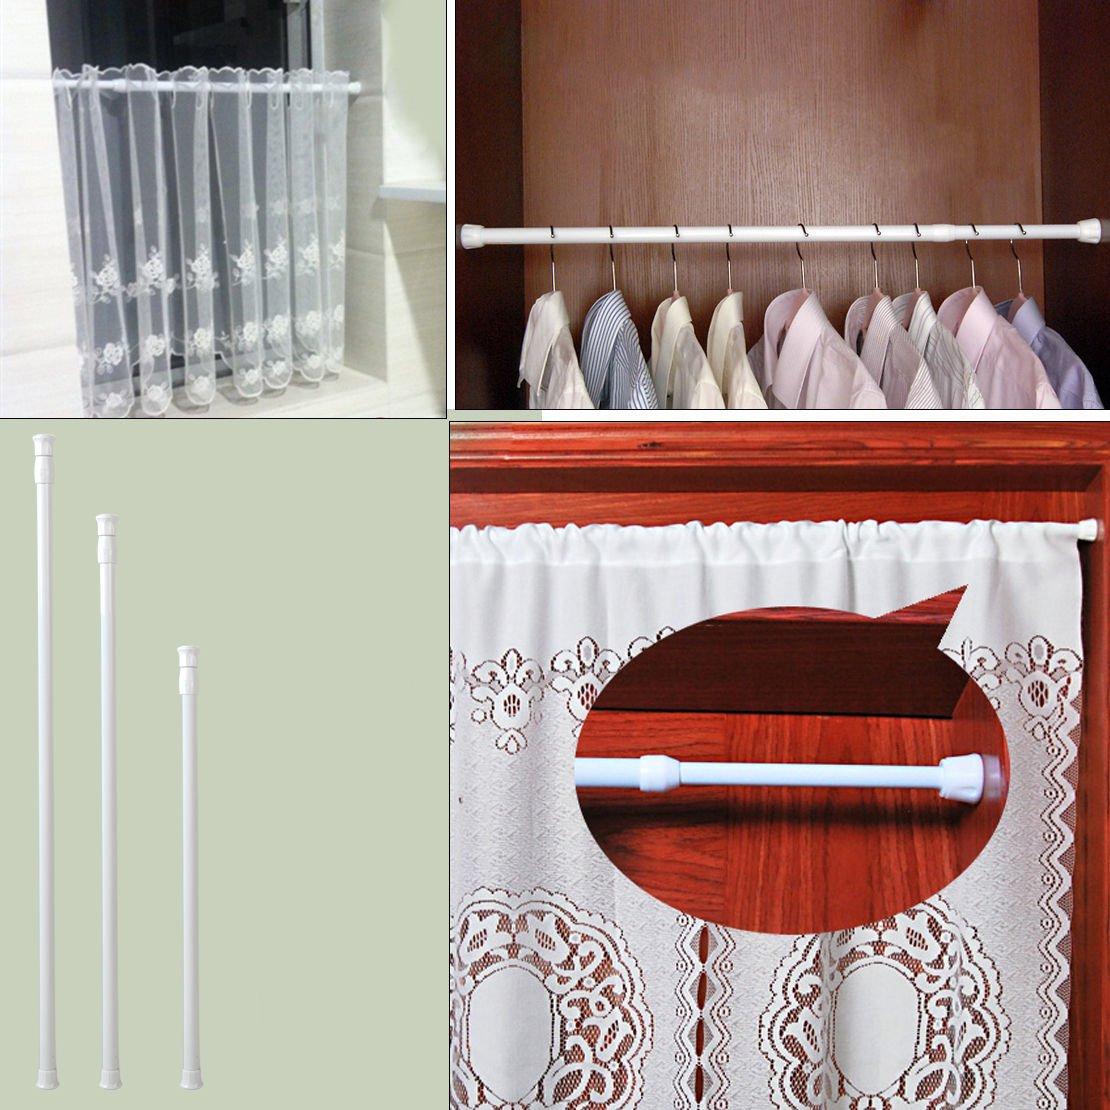 Hmmedsmoothly Rideau de penderie t/élescopique Blanc 60-110 cm